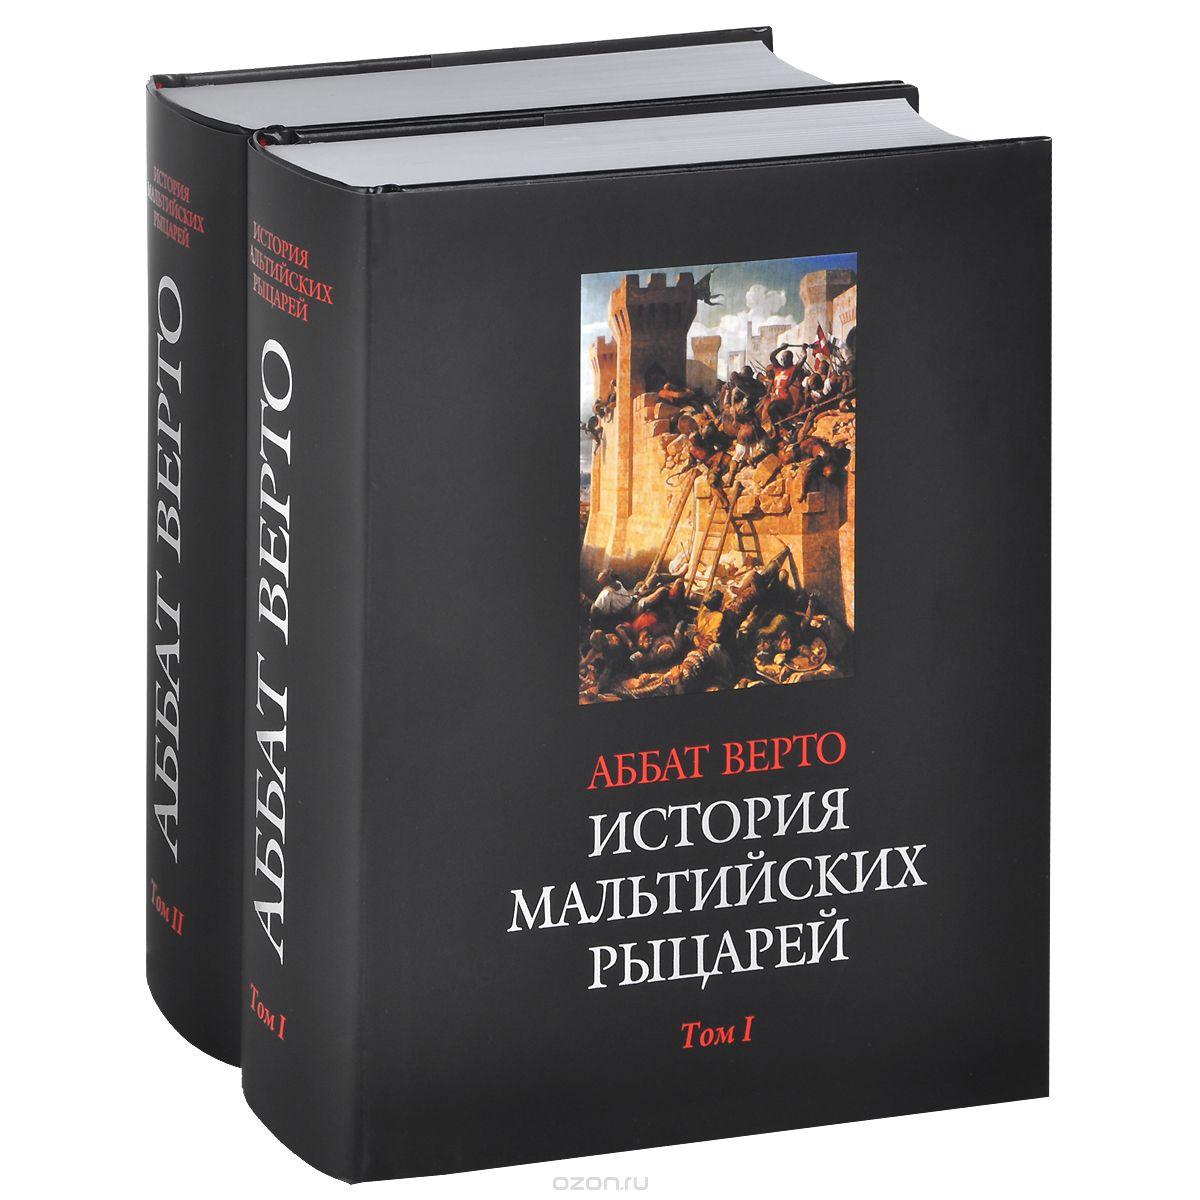 История мальтийских рыцарей (комплект из 2 книг)